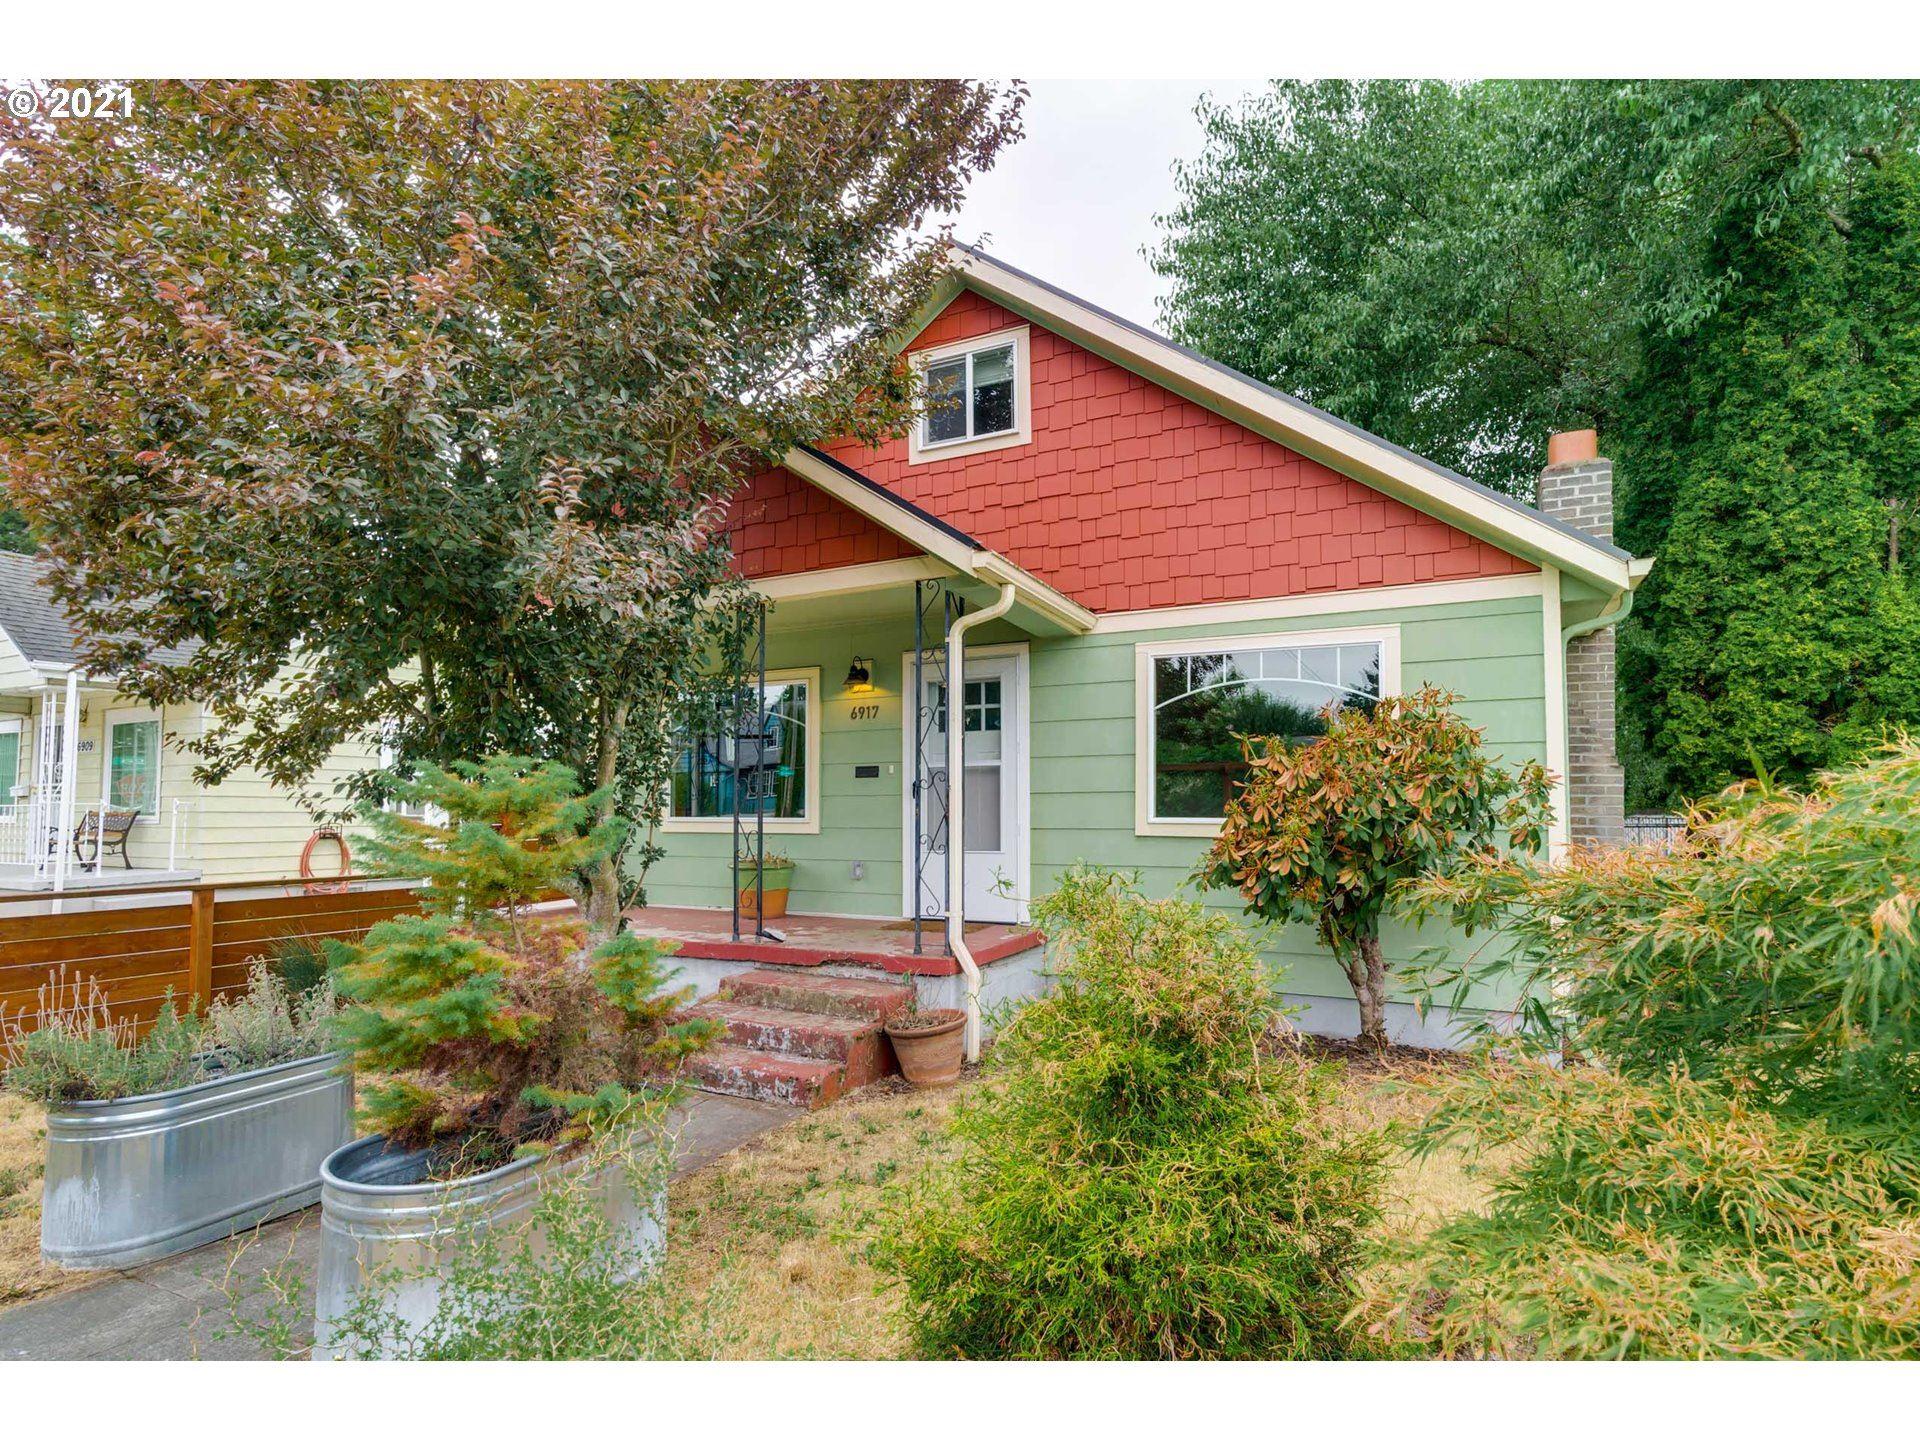 6917 N DENVER AVE, Portland, OR 97217 - MLS#: 21307159